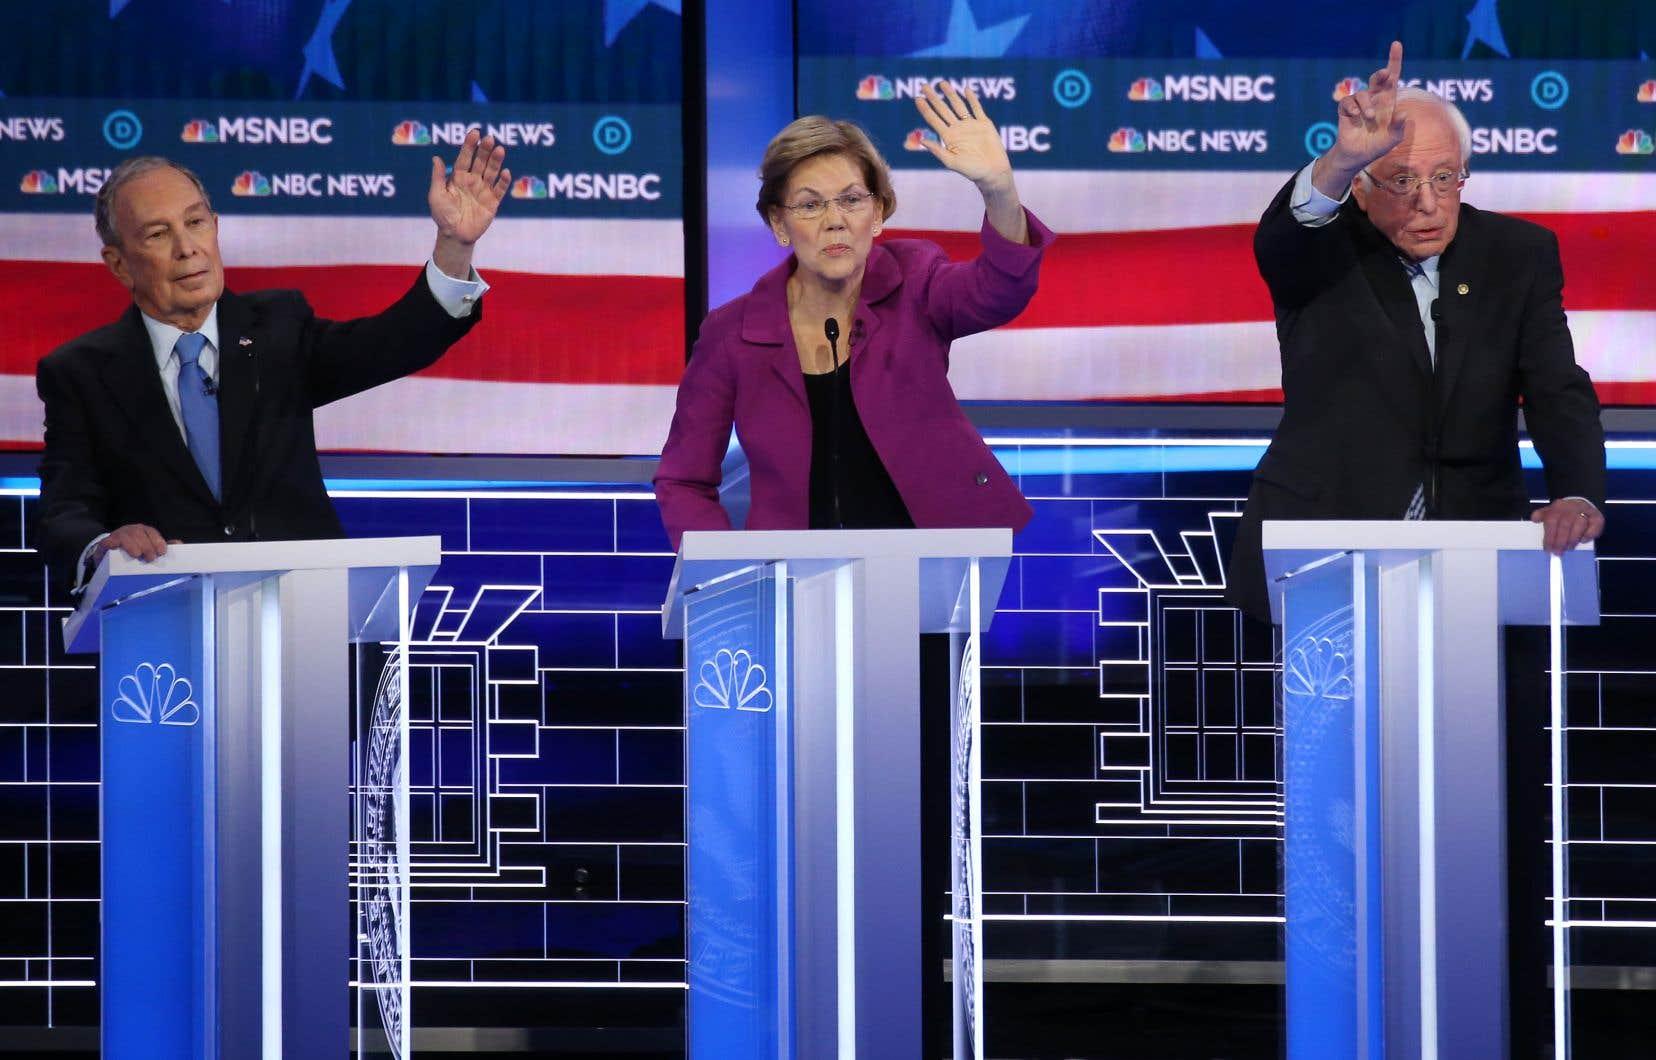 D'une intensité rare, le ton est immédiatement monté lors du débat démocrate entre les candidats qui espèrent défier le républicain Donald Trump lors de la présidentielle de novembre.